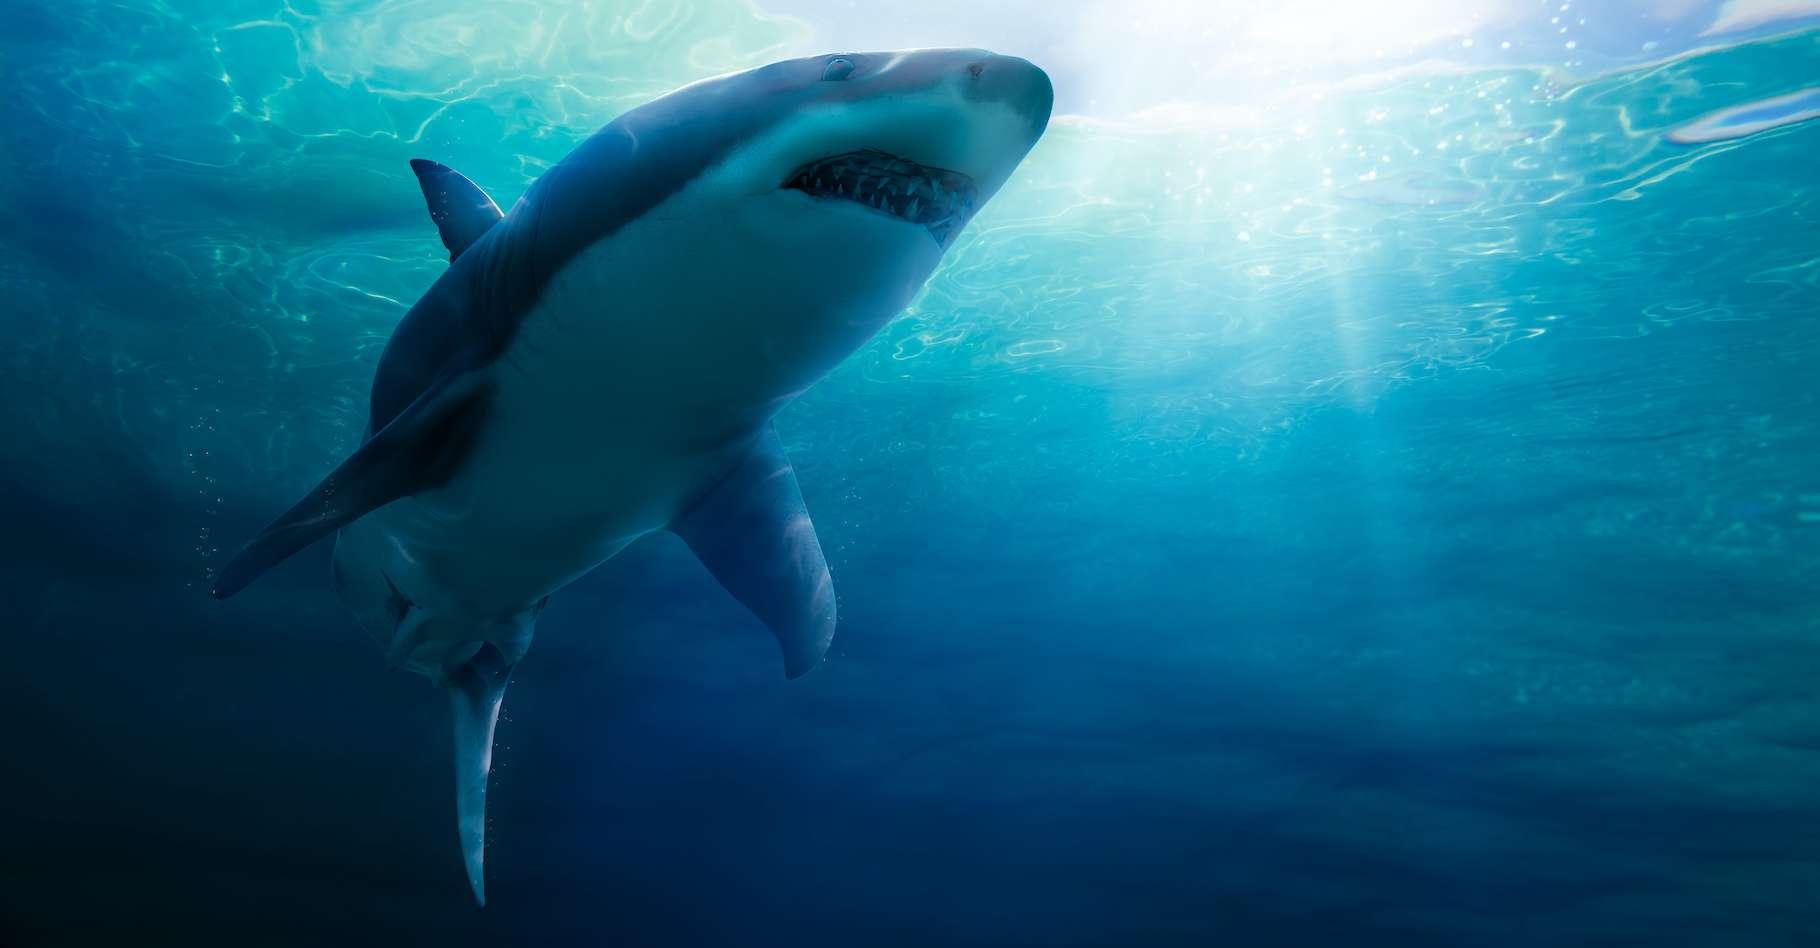 Selon les experts, le requin pris à nager sur le dos serait une femelle d'environ 3,5 mètres de long. © fergregory, Adobe Stock